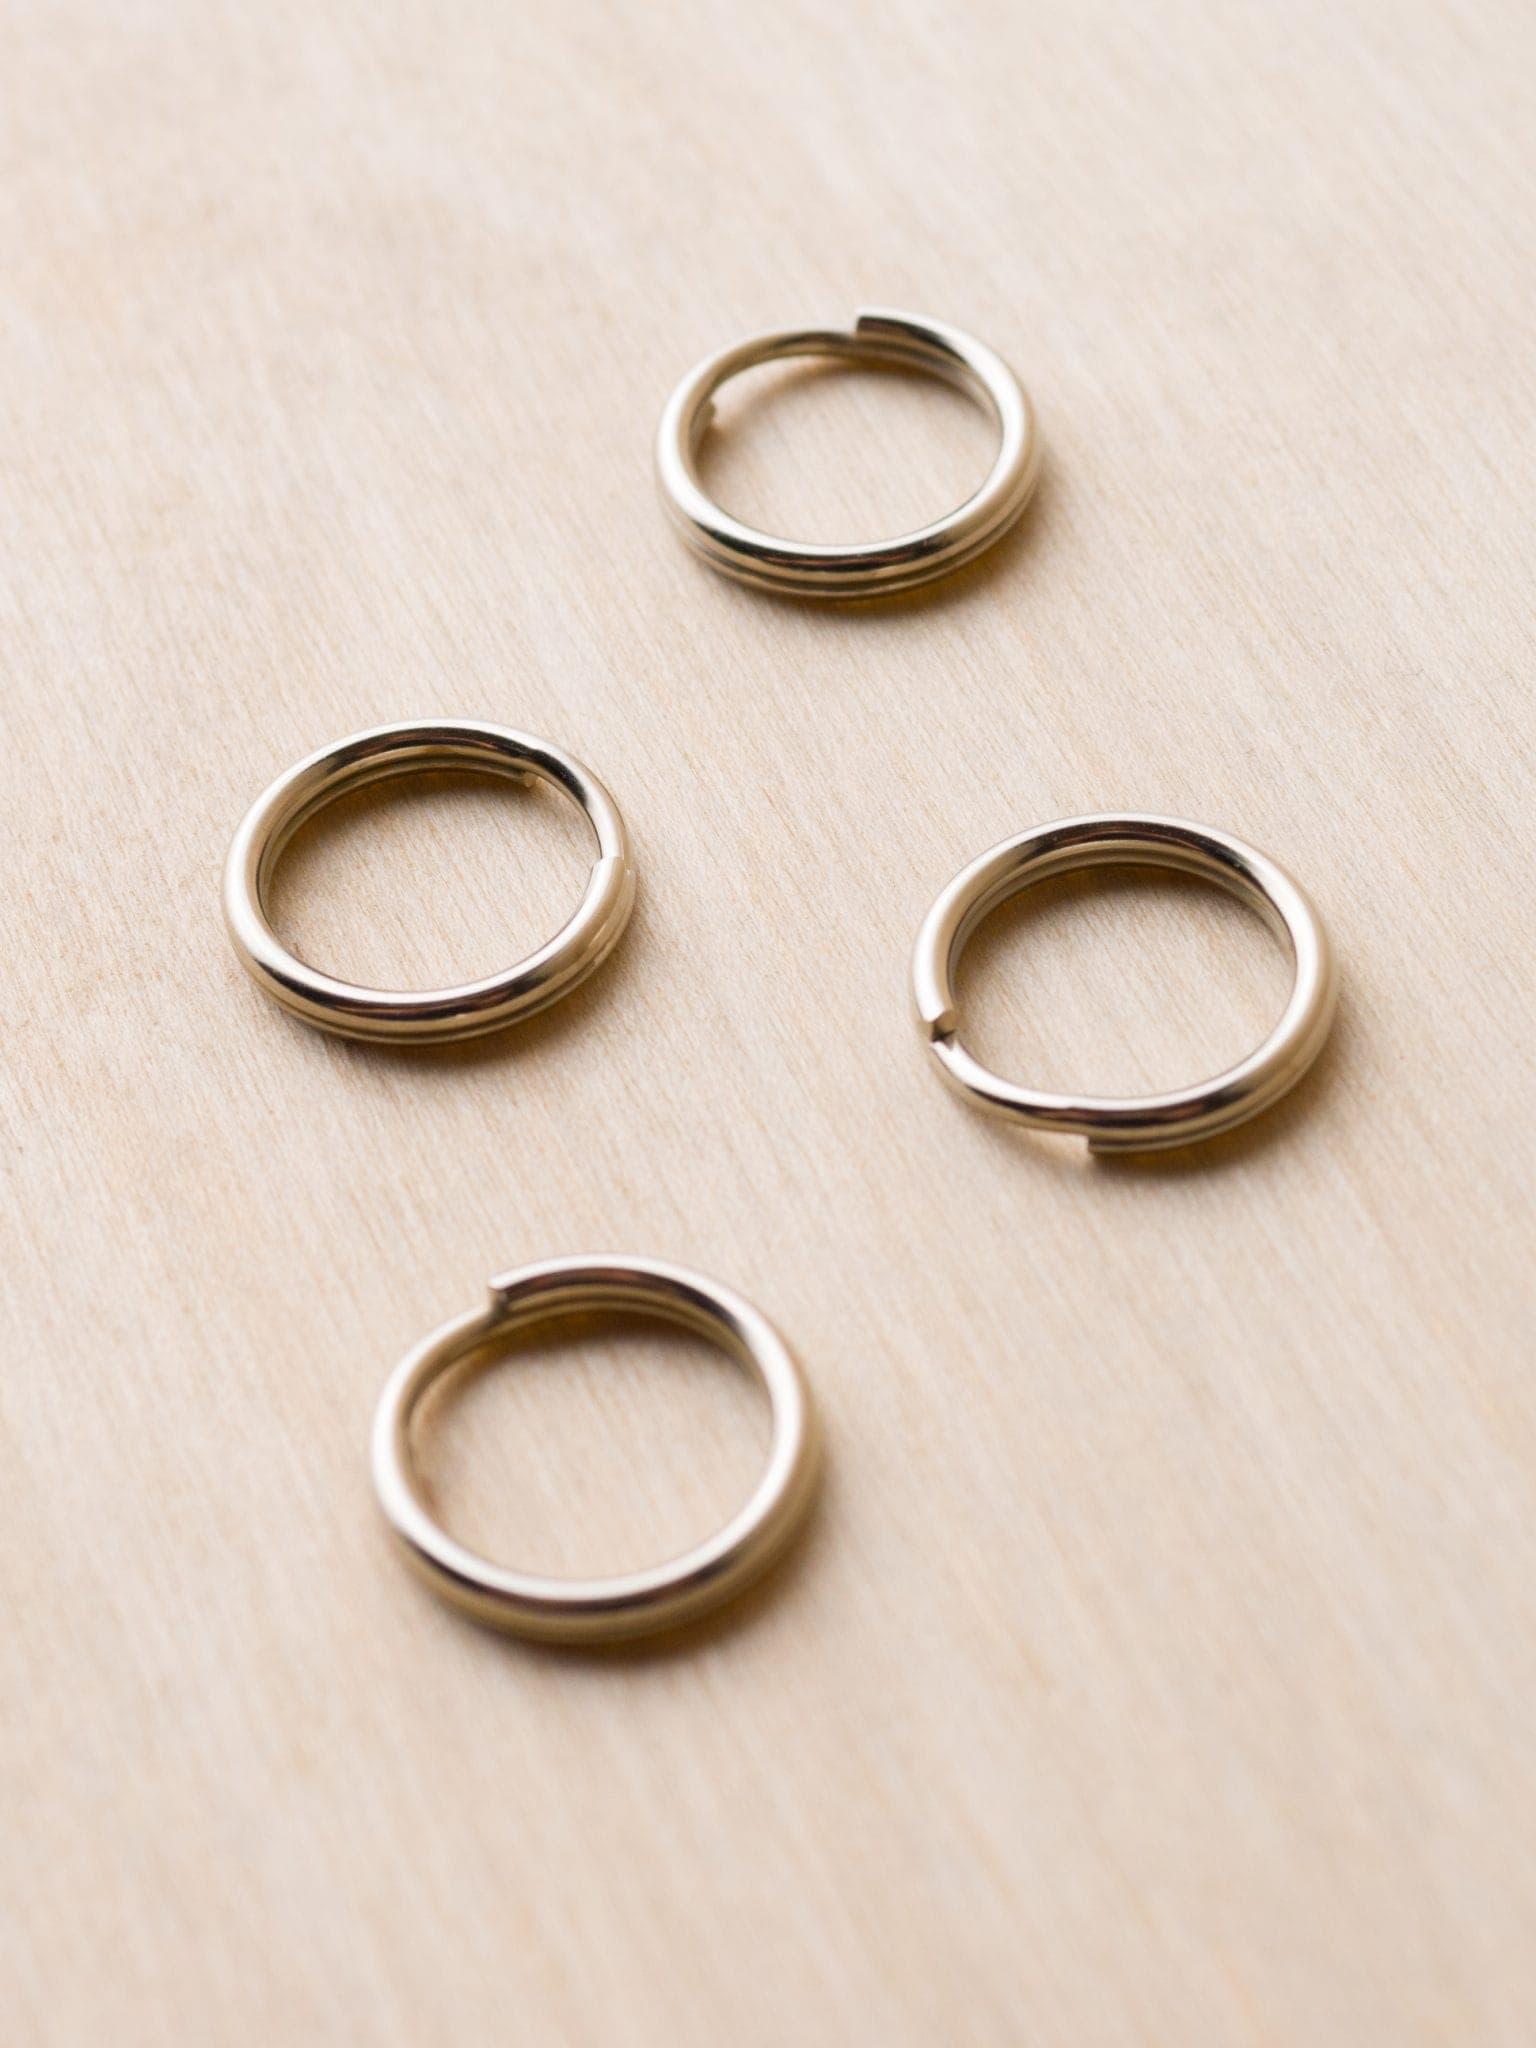 anillos redondos para sujetar la correa de la cámara